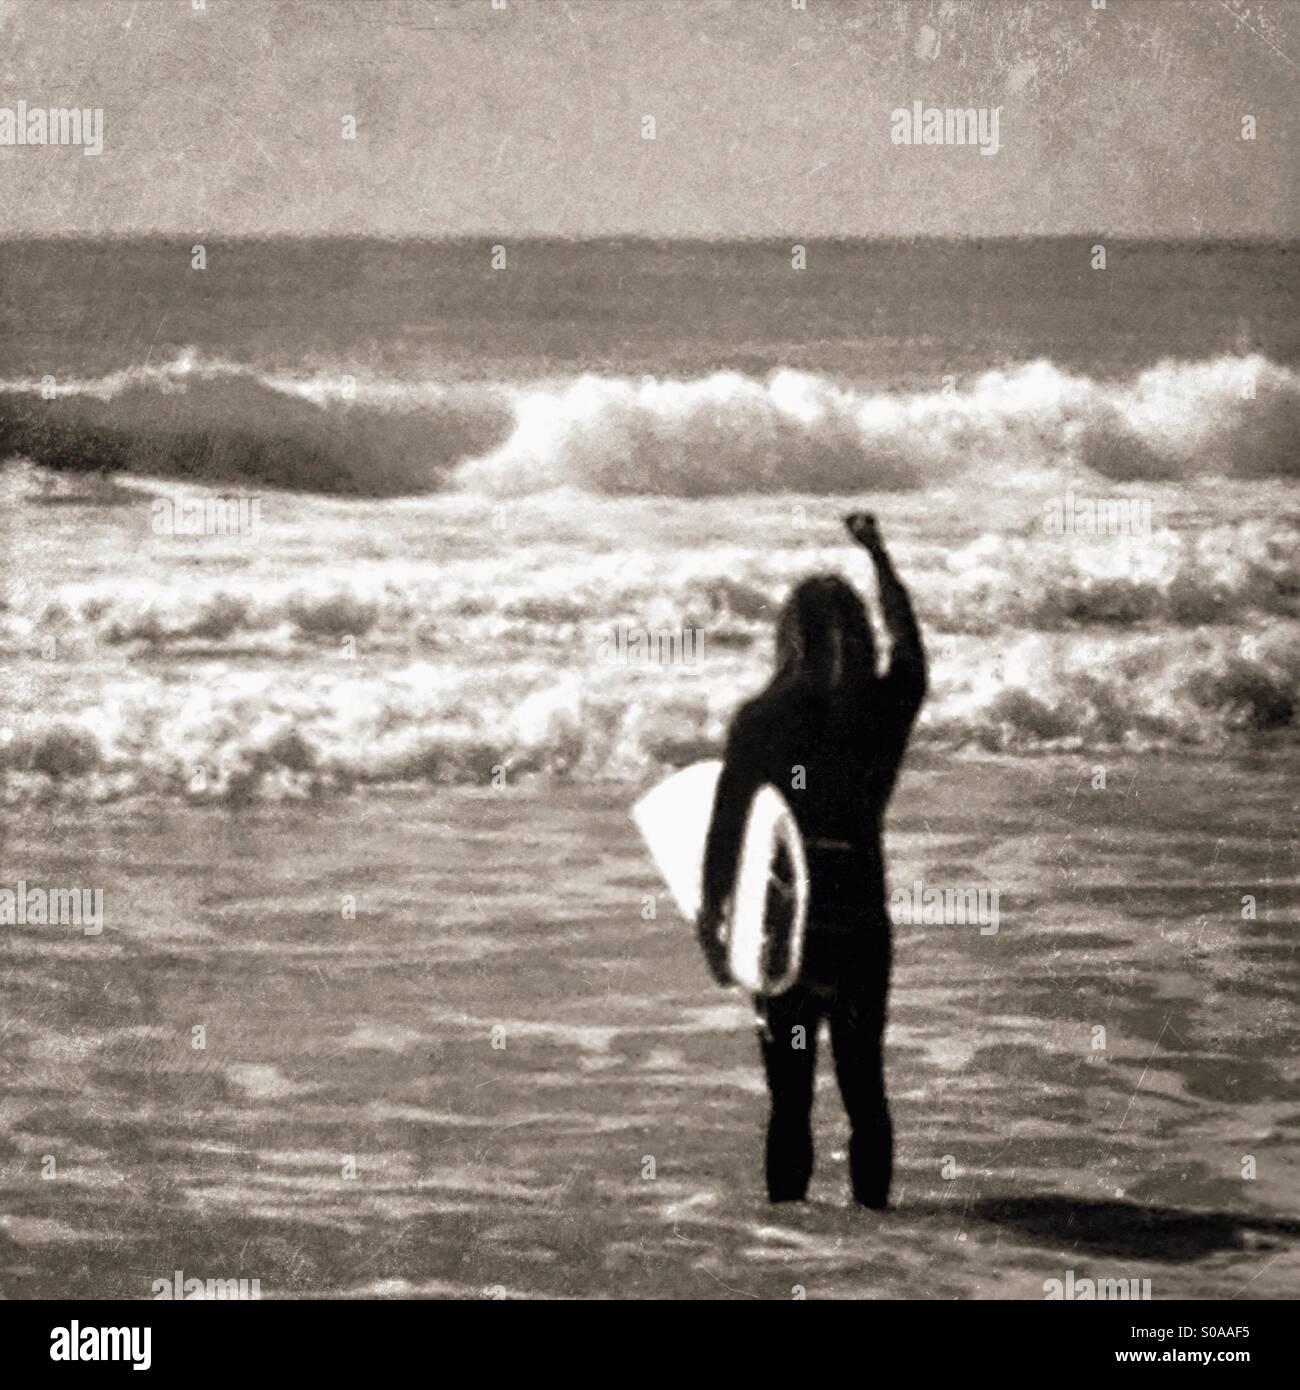 Surfeur excité en voyant les vagues. Photo Stock